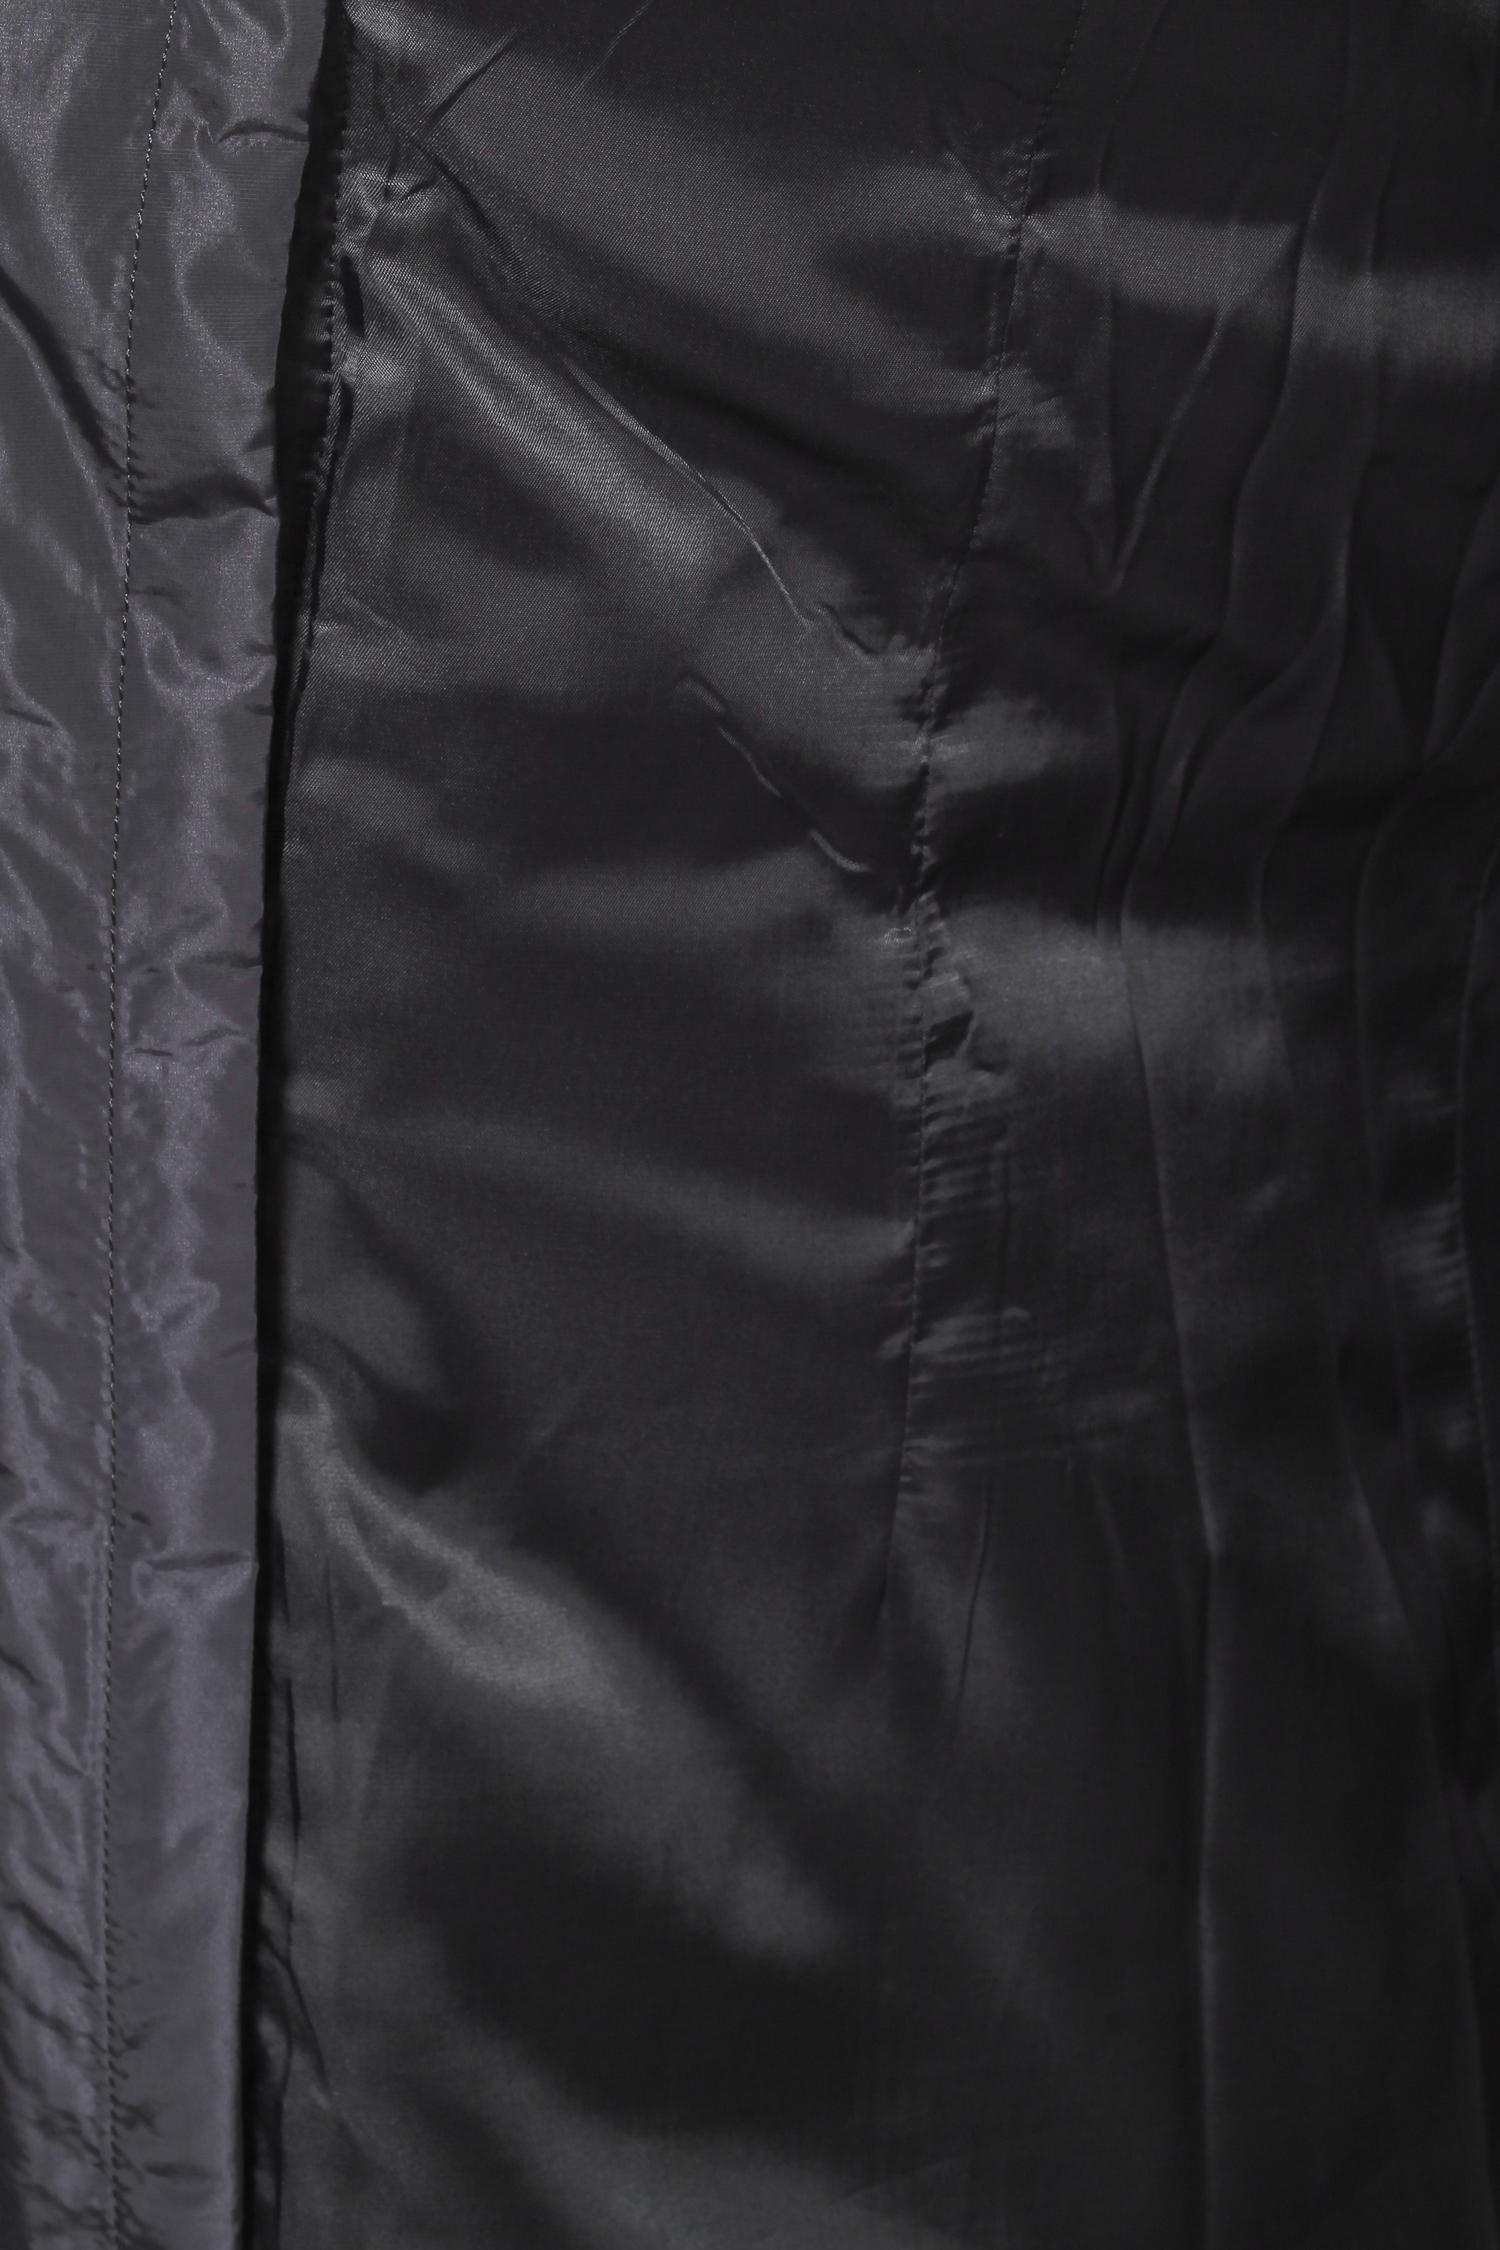 Пальто на меху с капюшоном, отделка песец от Московская Меховая Компания